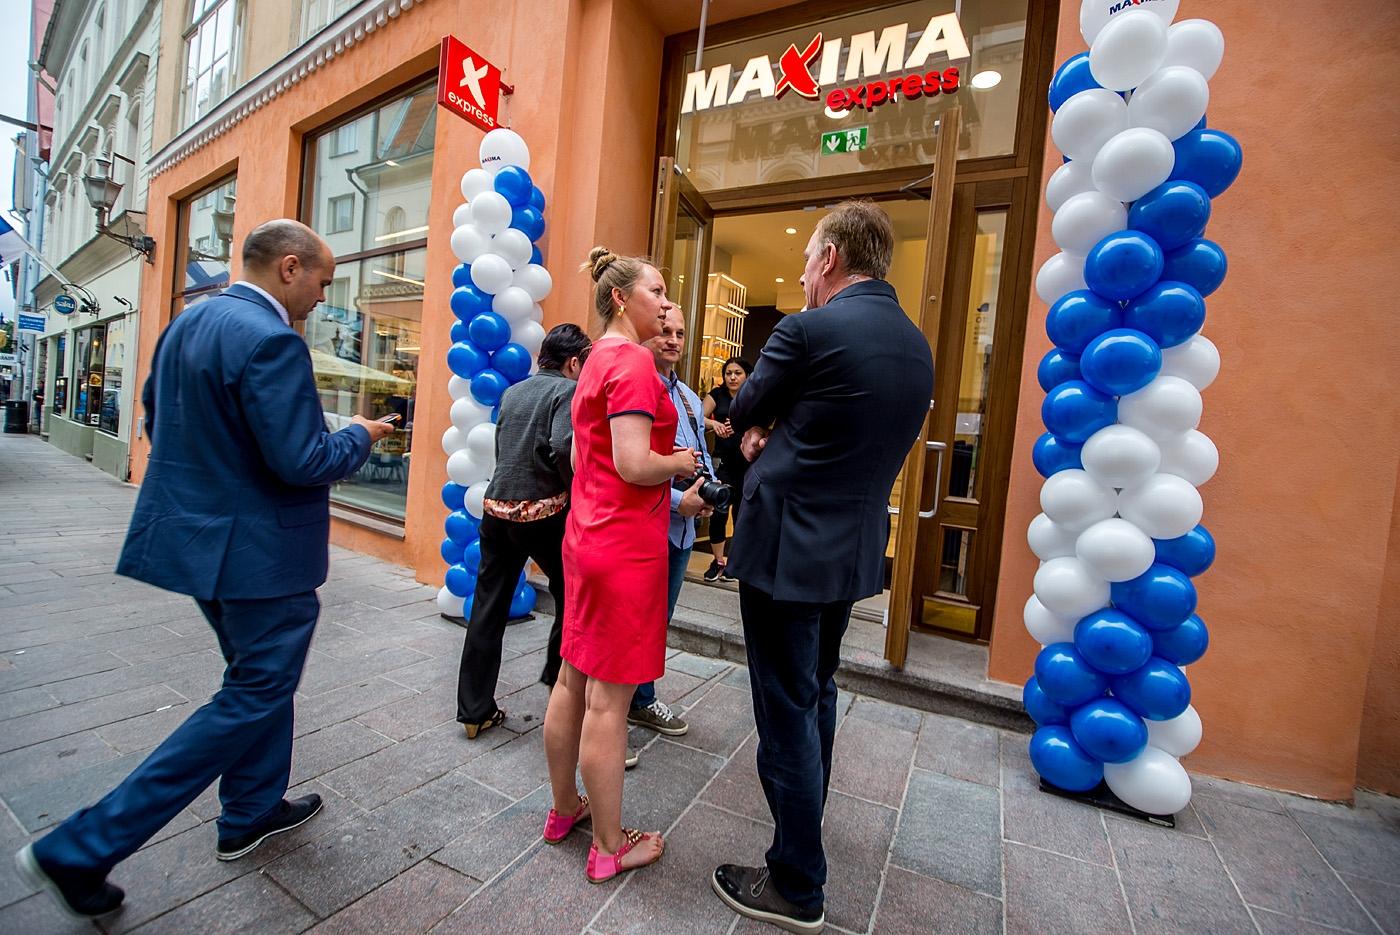 GALERII! Maxima avas Viru tänavas uudse toidupoe - Tallinn